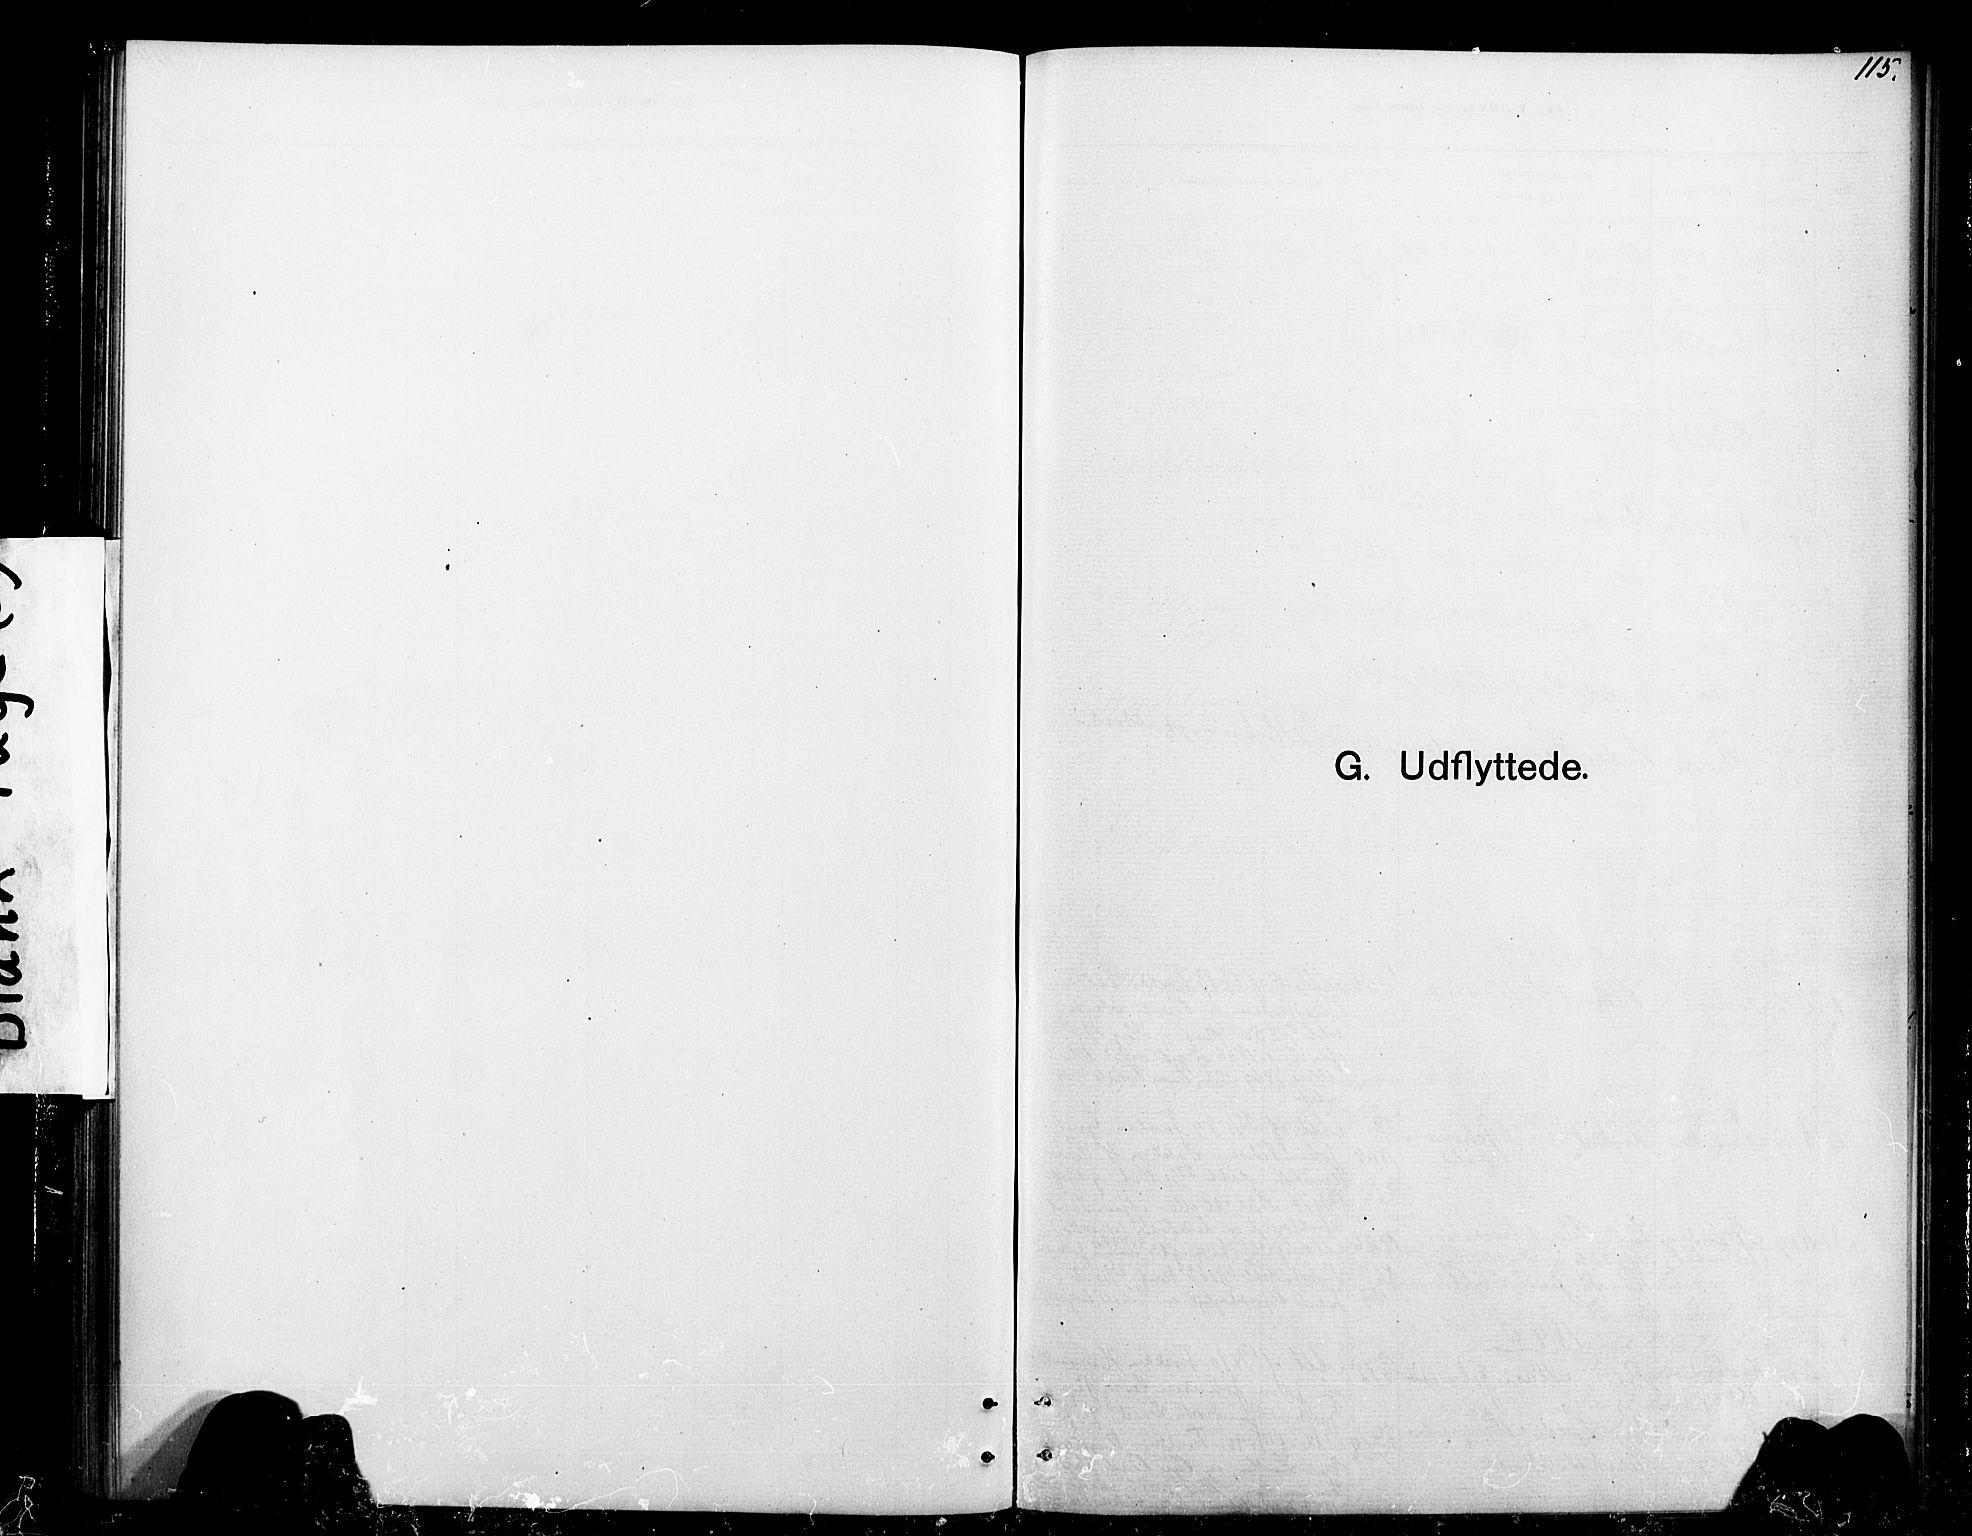 SAT, Ministerialprotokoller, klokkerbøker og fødselsregistre - Sør-Trøndelag, 693/L1123: Klokkerbok nr. 693C04, 1887-1910, s. 115